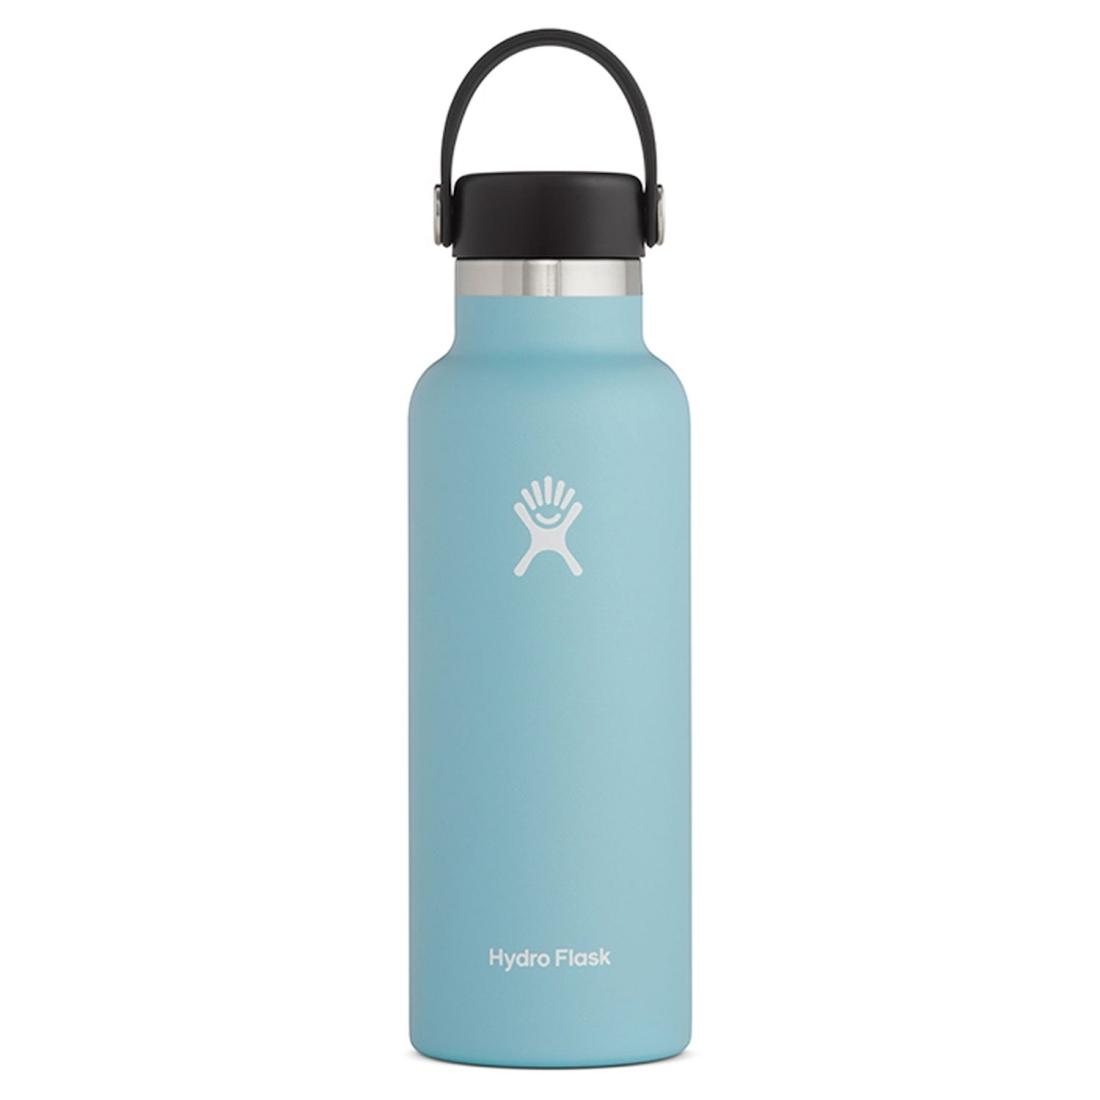 ハイドロフラスク スタンダードマウス18oz 保温 保冷 ボトル 水筒  国内正規品